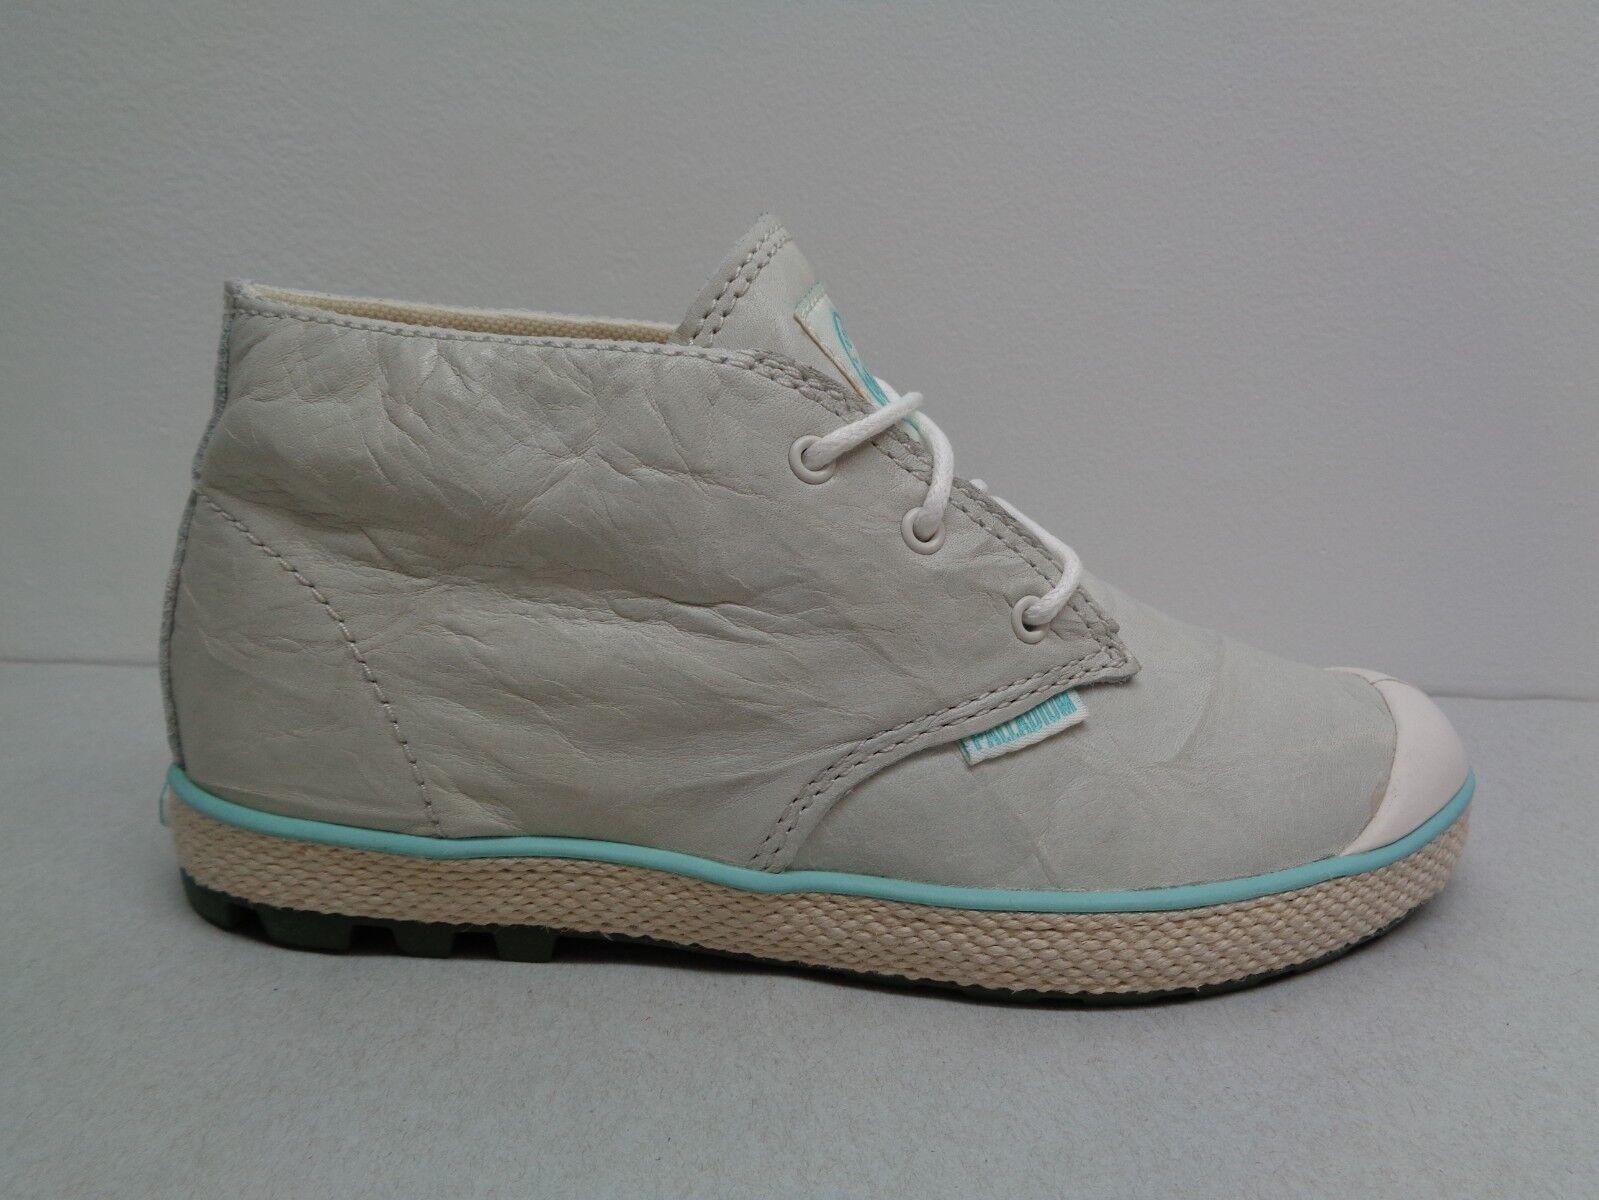 Palladium Größe 5.5 M SLIM CHUKKA Off Weiß Leather Ankle Stiefel New damen schuhe